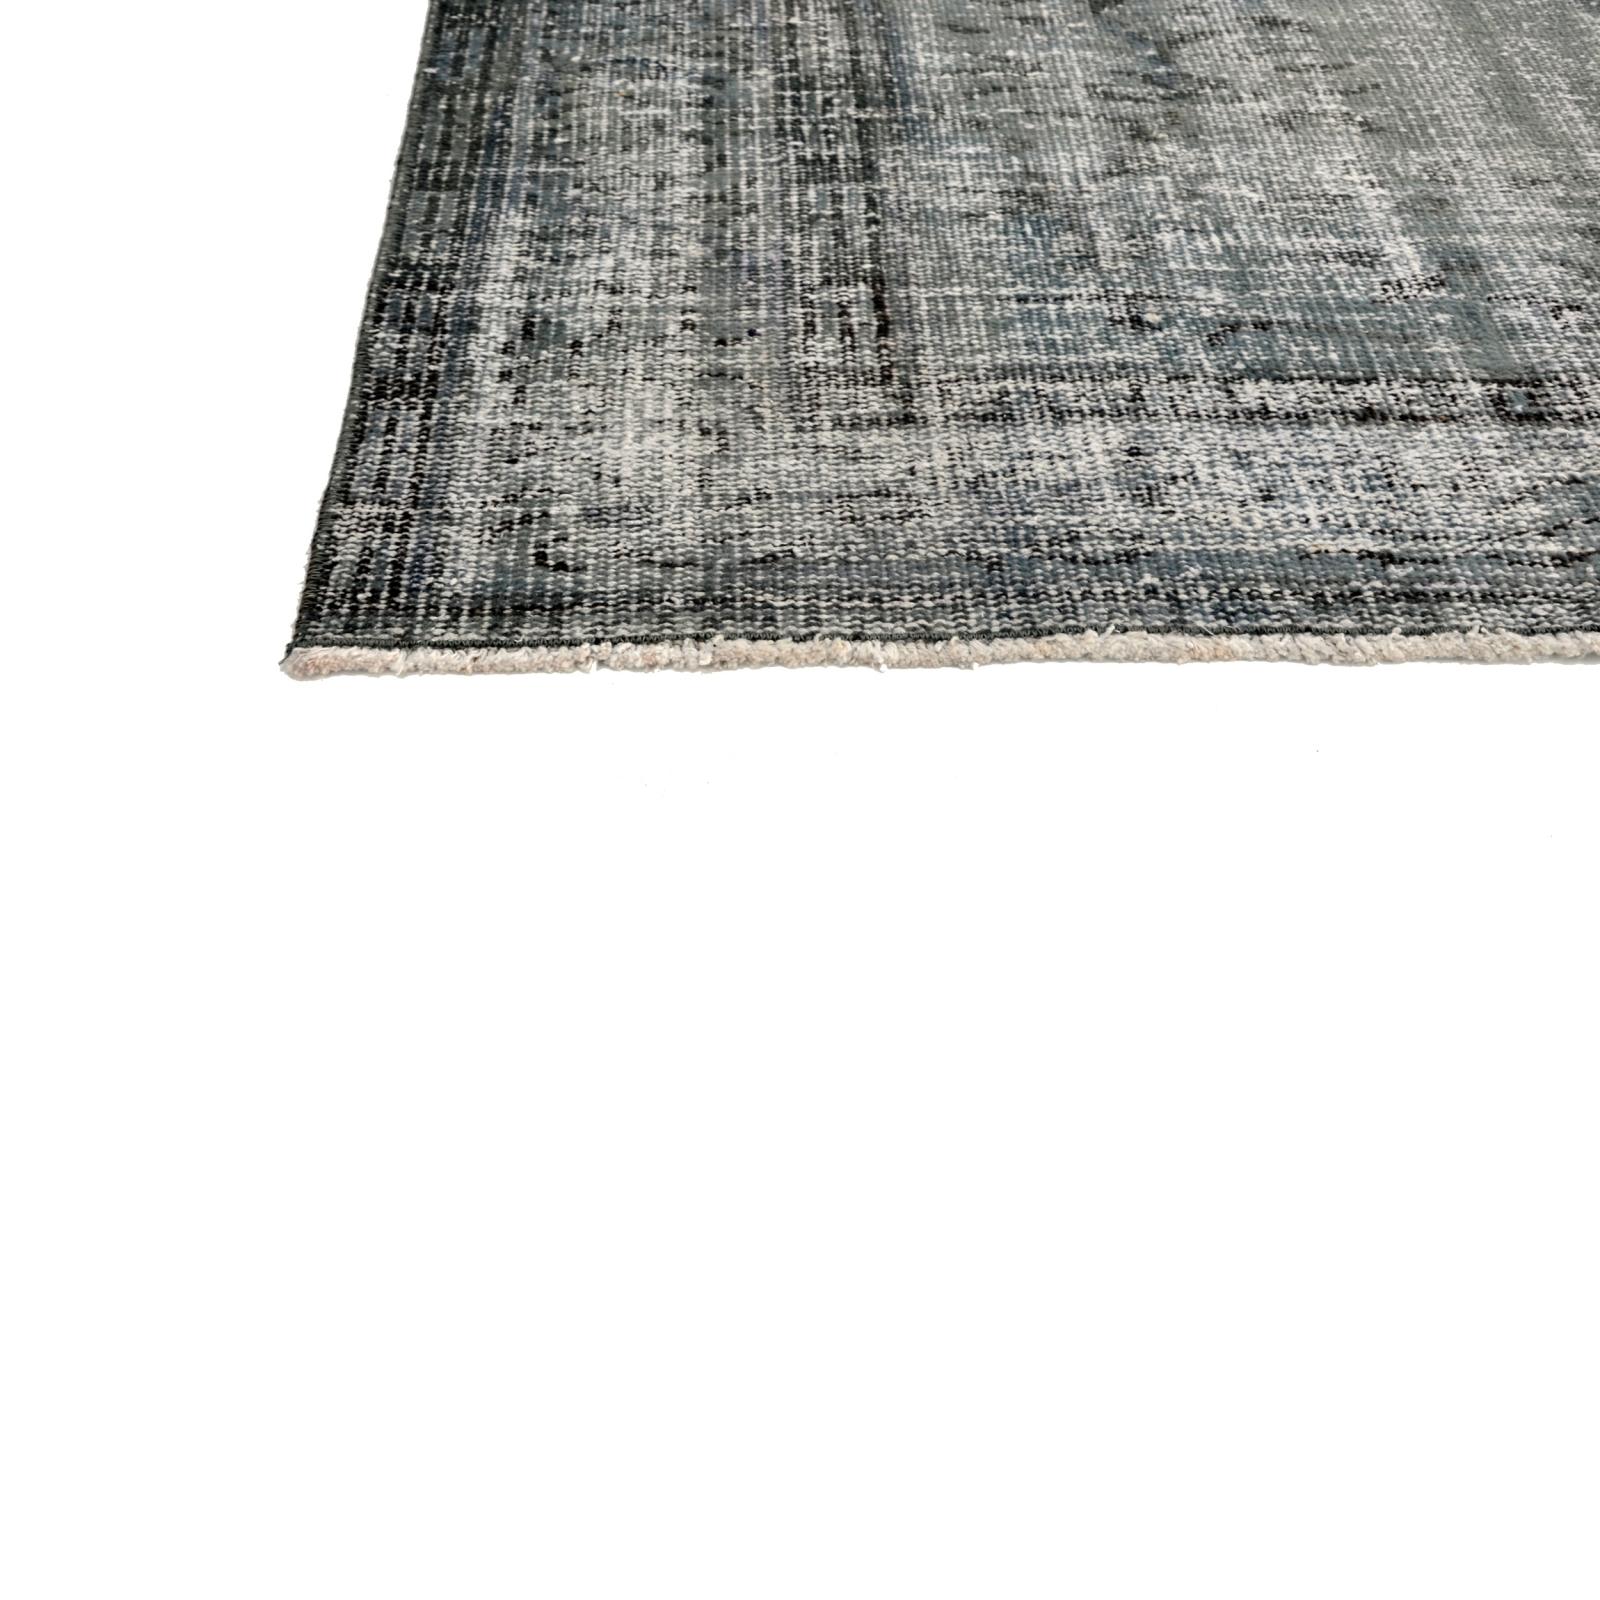 Grau Braun Vintage Umgefarbt Teppich 234x166cm